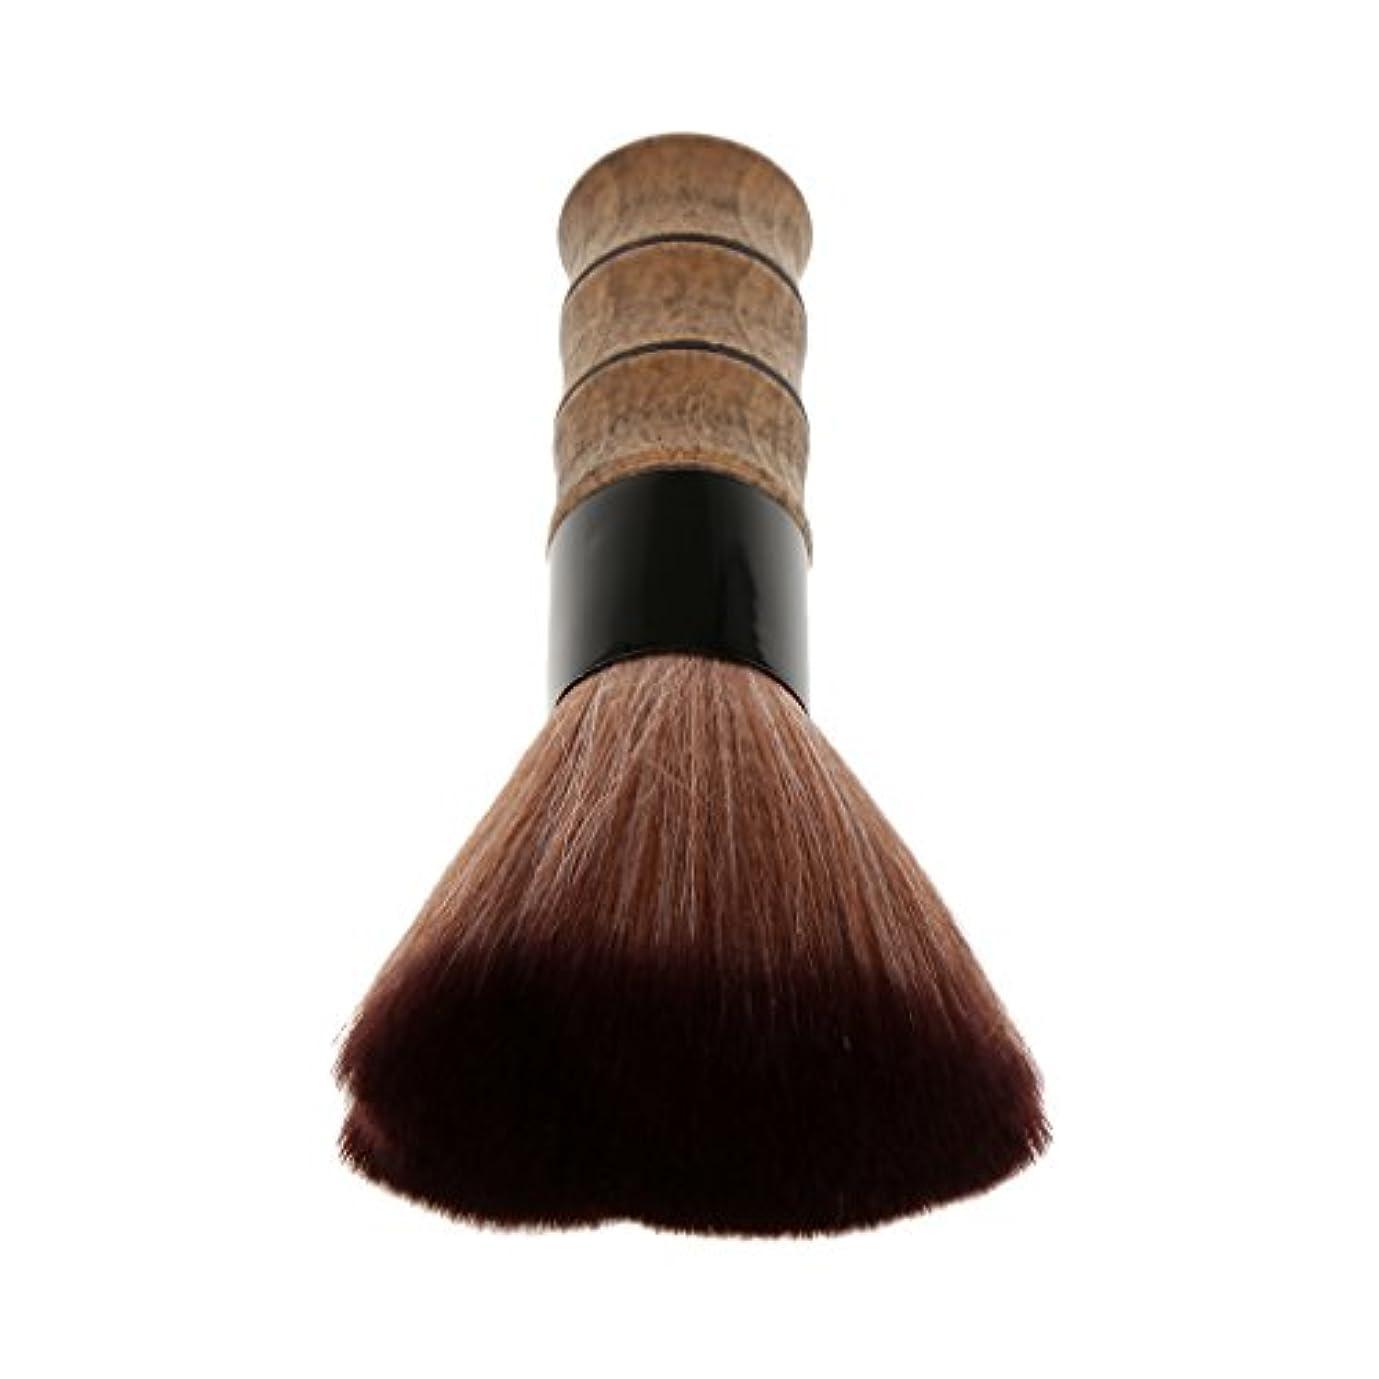 ドックキャリッジ染料T TOOYFUL 顔の首の毛の切断の塵の剃るブラシの顔の赤面の粉の構造のブラシ - 褐色